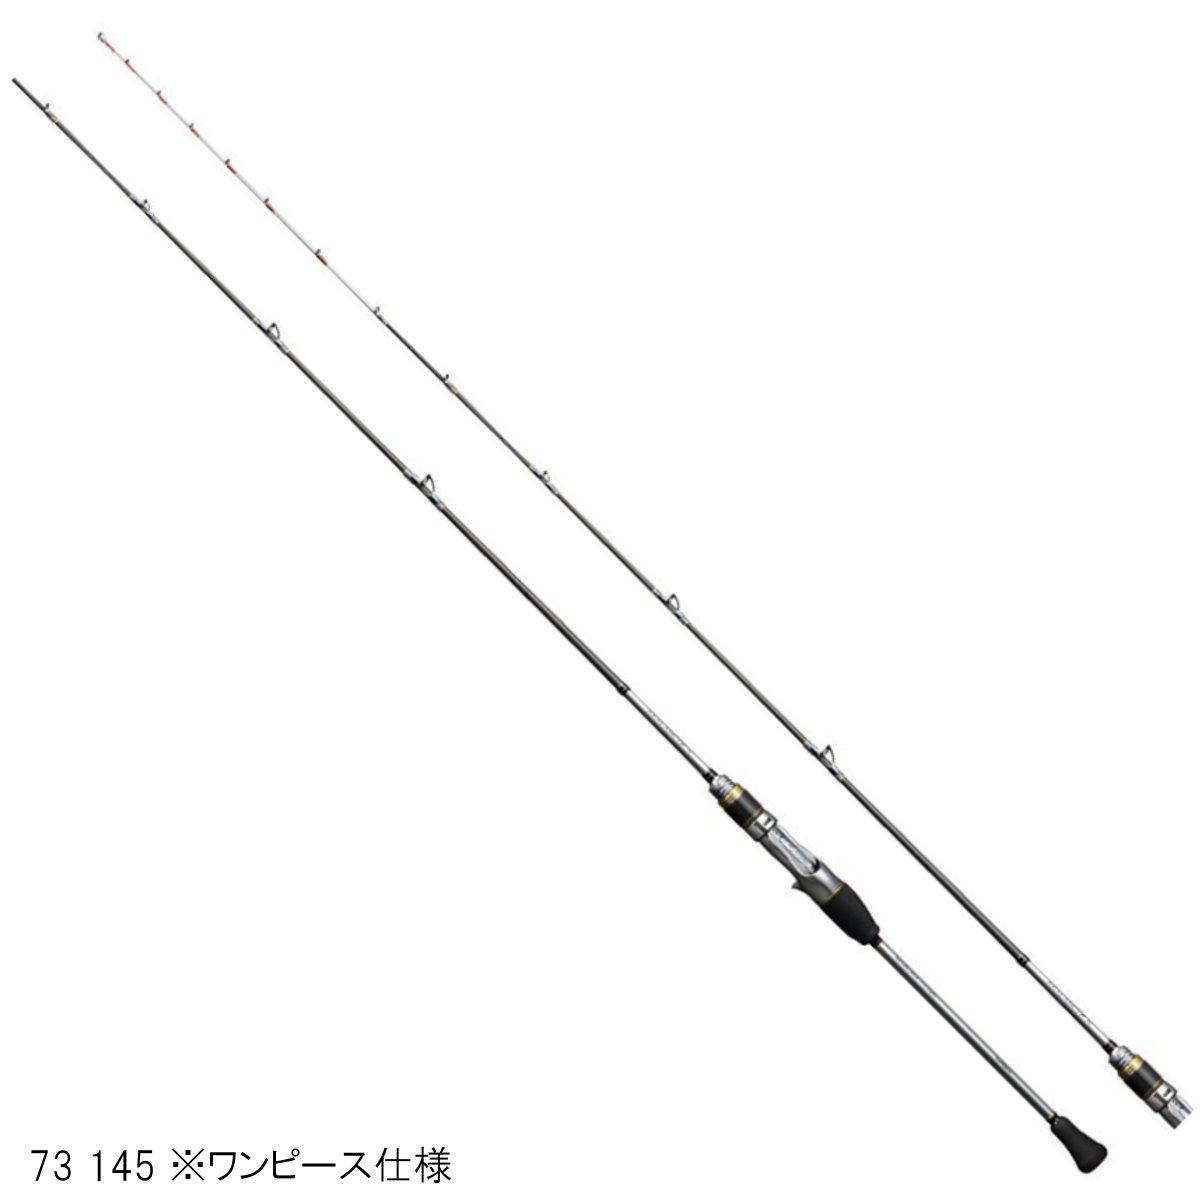 シマノ リアランサー X マルイカ 73 145【大型商品】(東日本店)